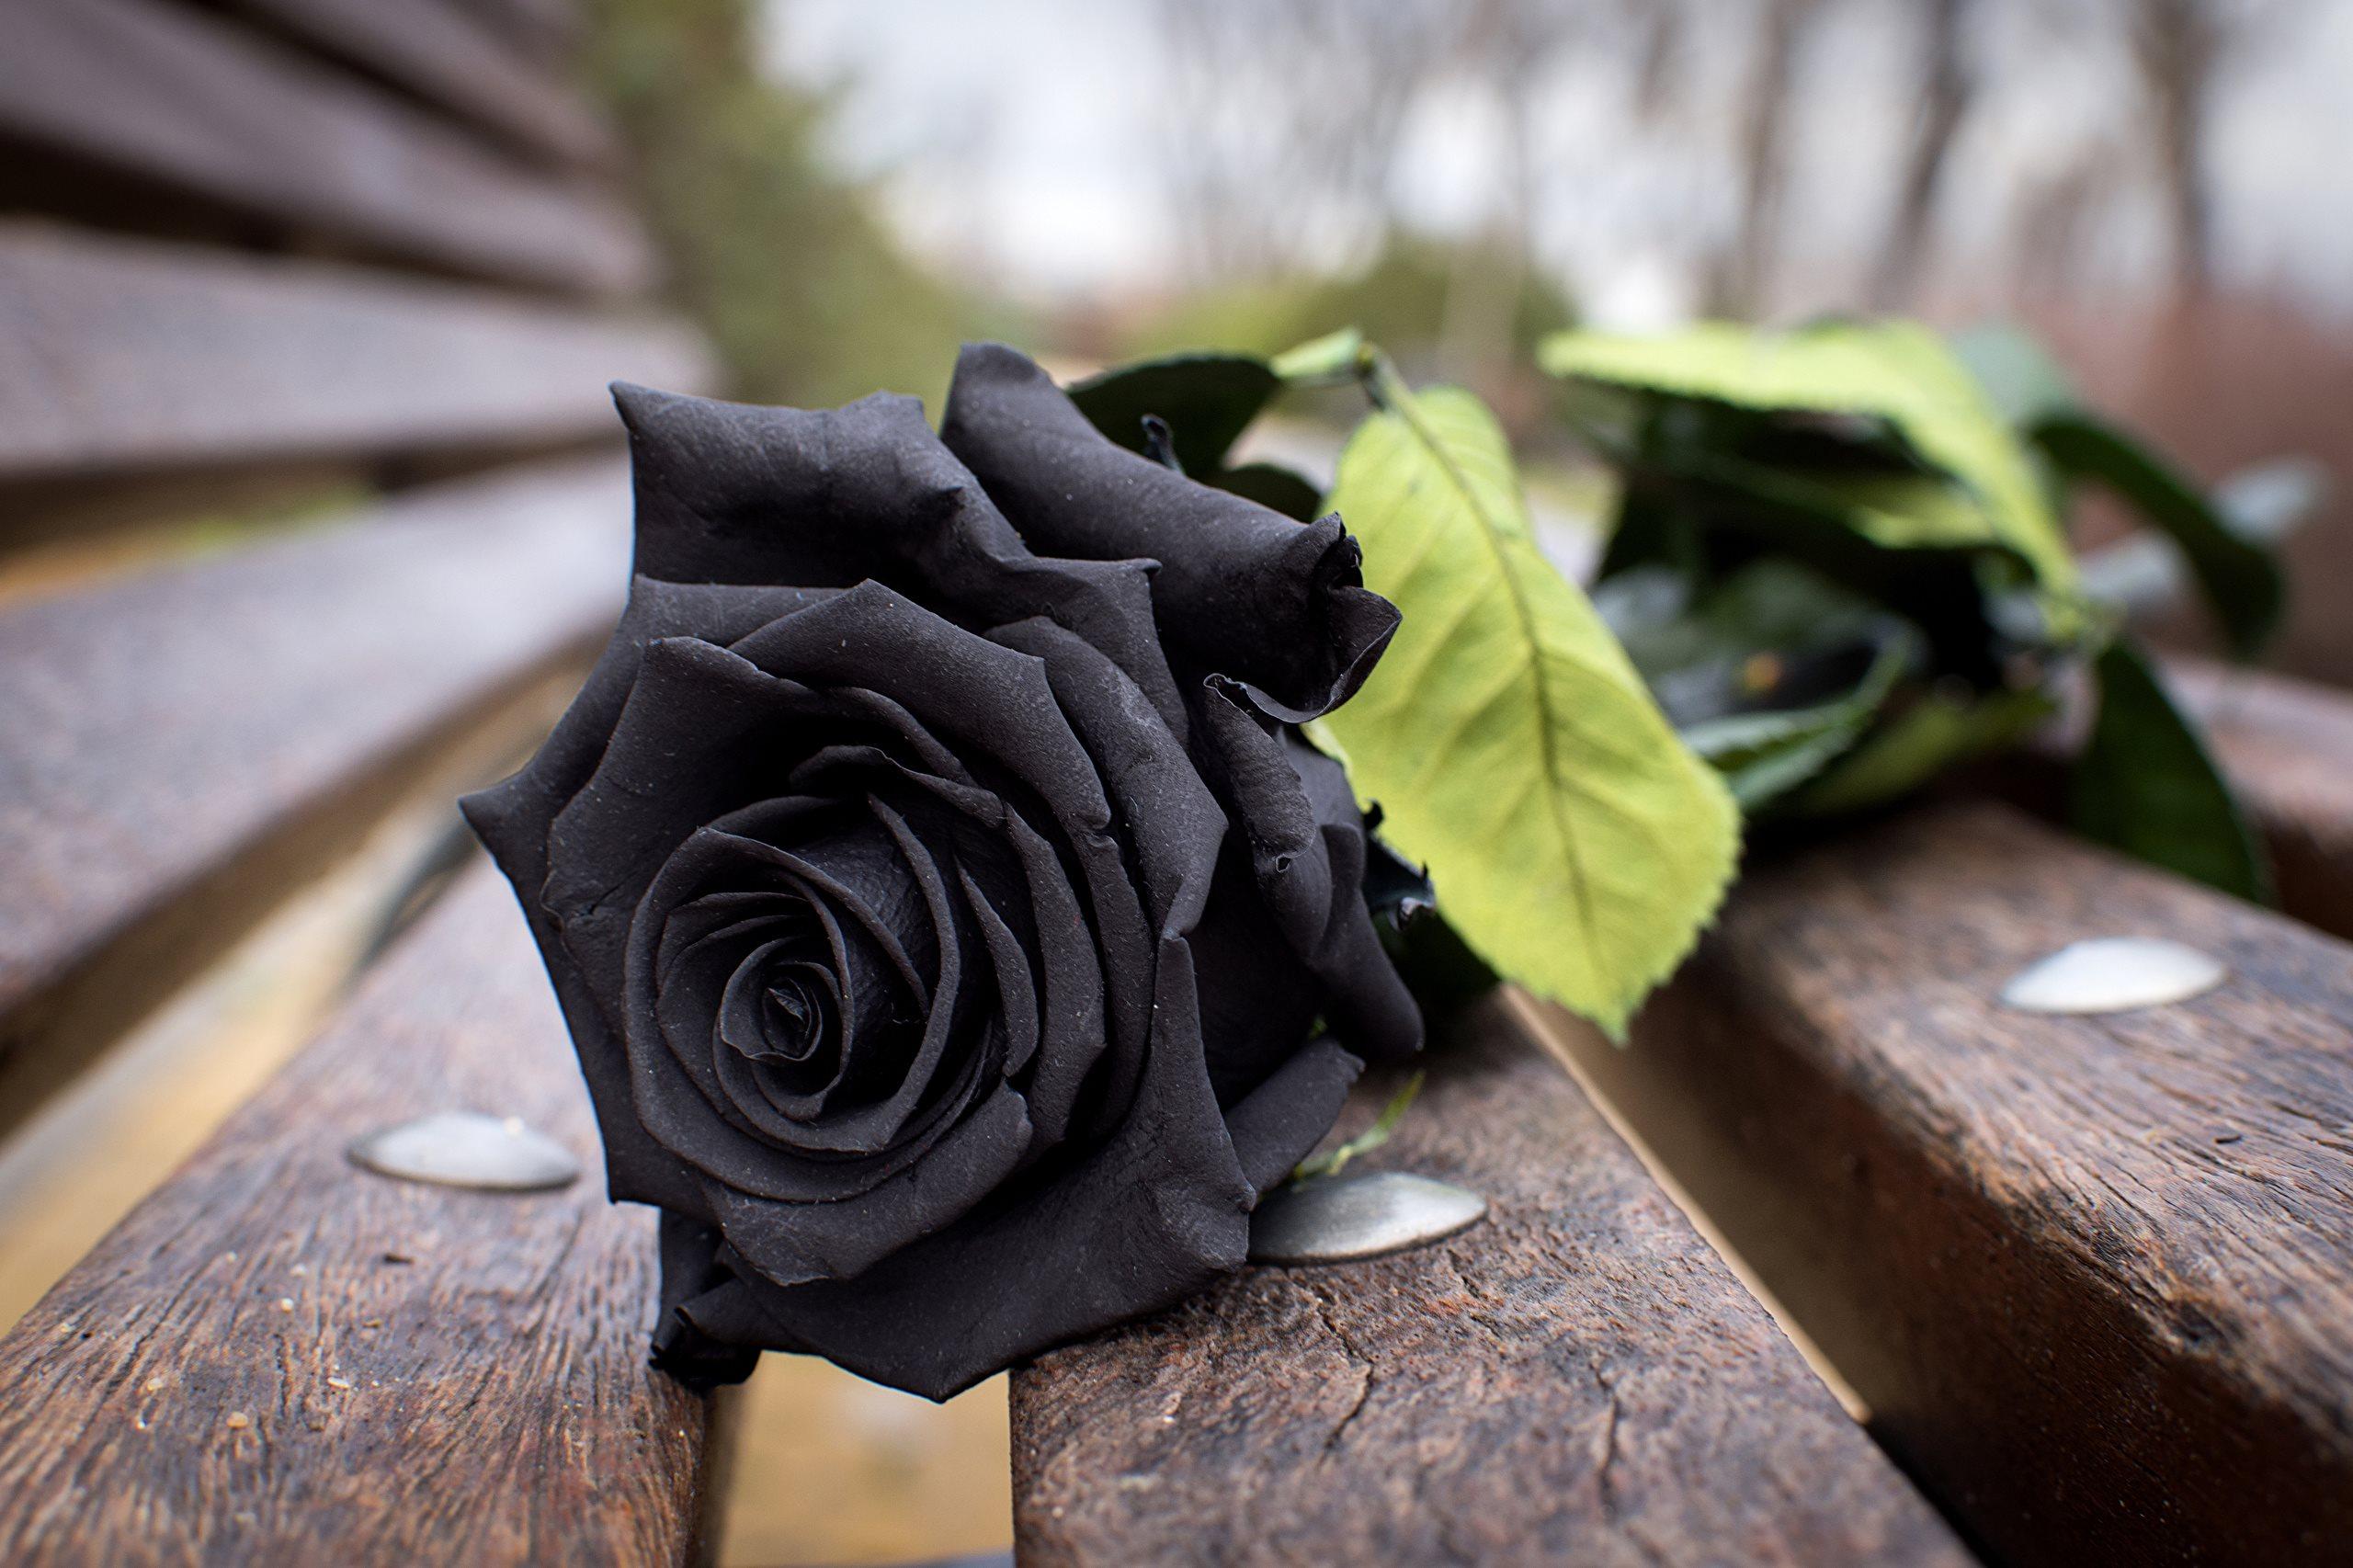 горох картинки чорних троянд навес для дачи